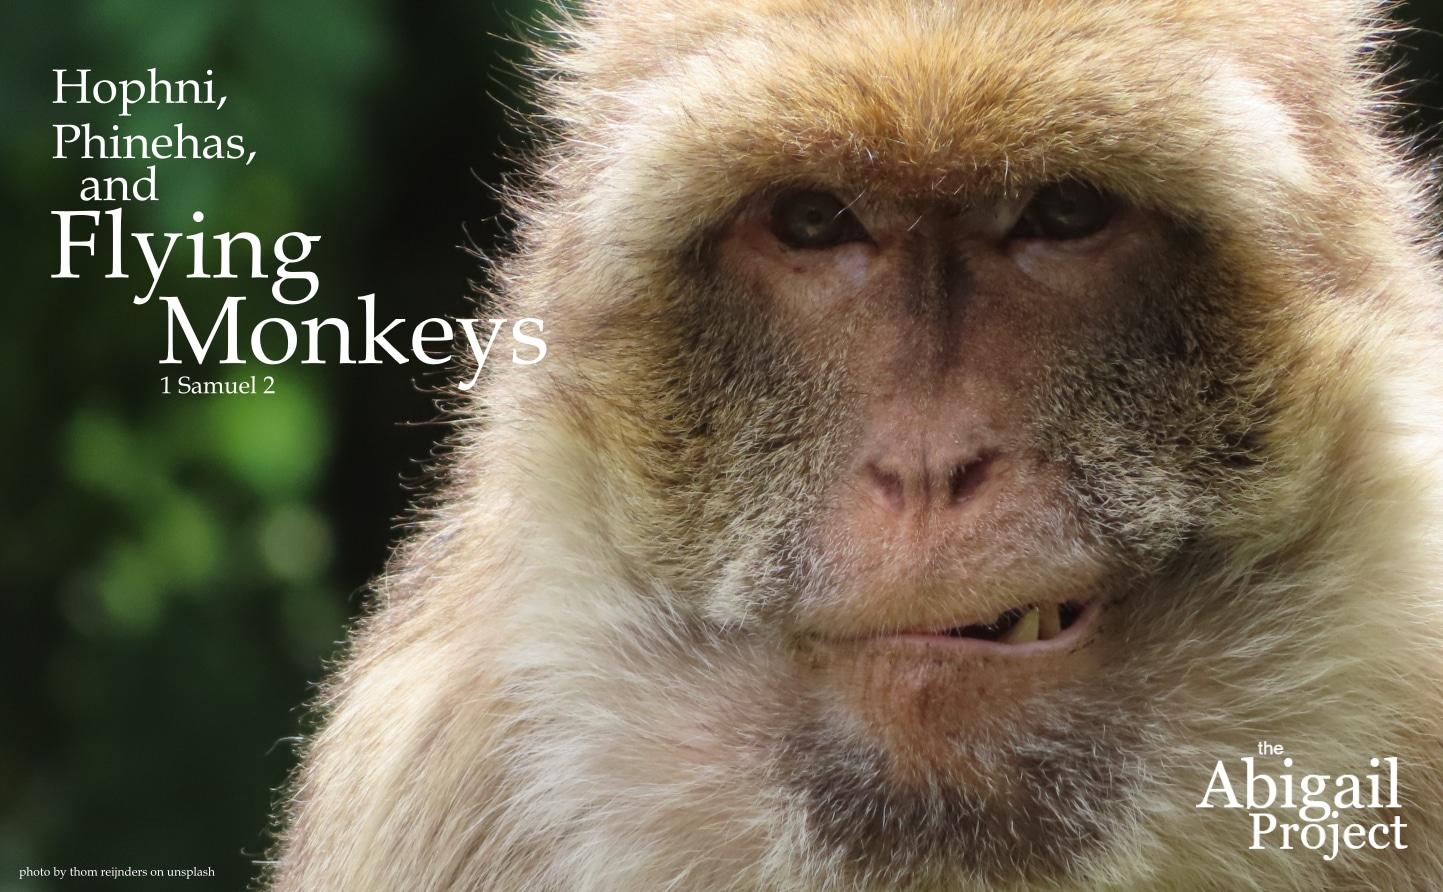 hophni phinehas and flying monkeys